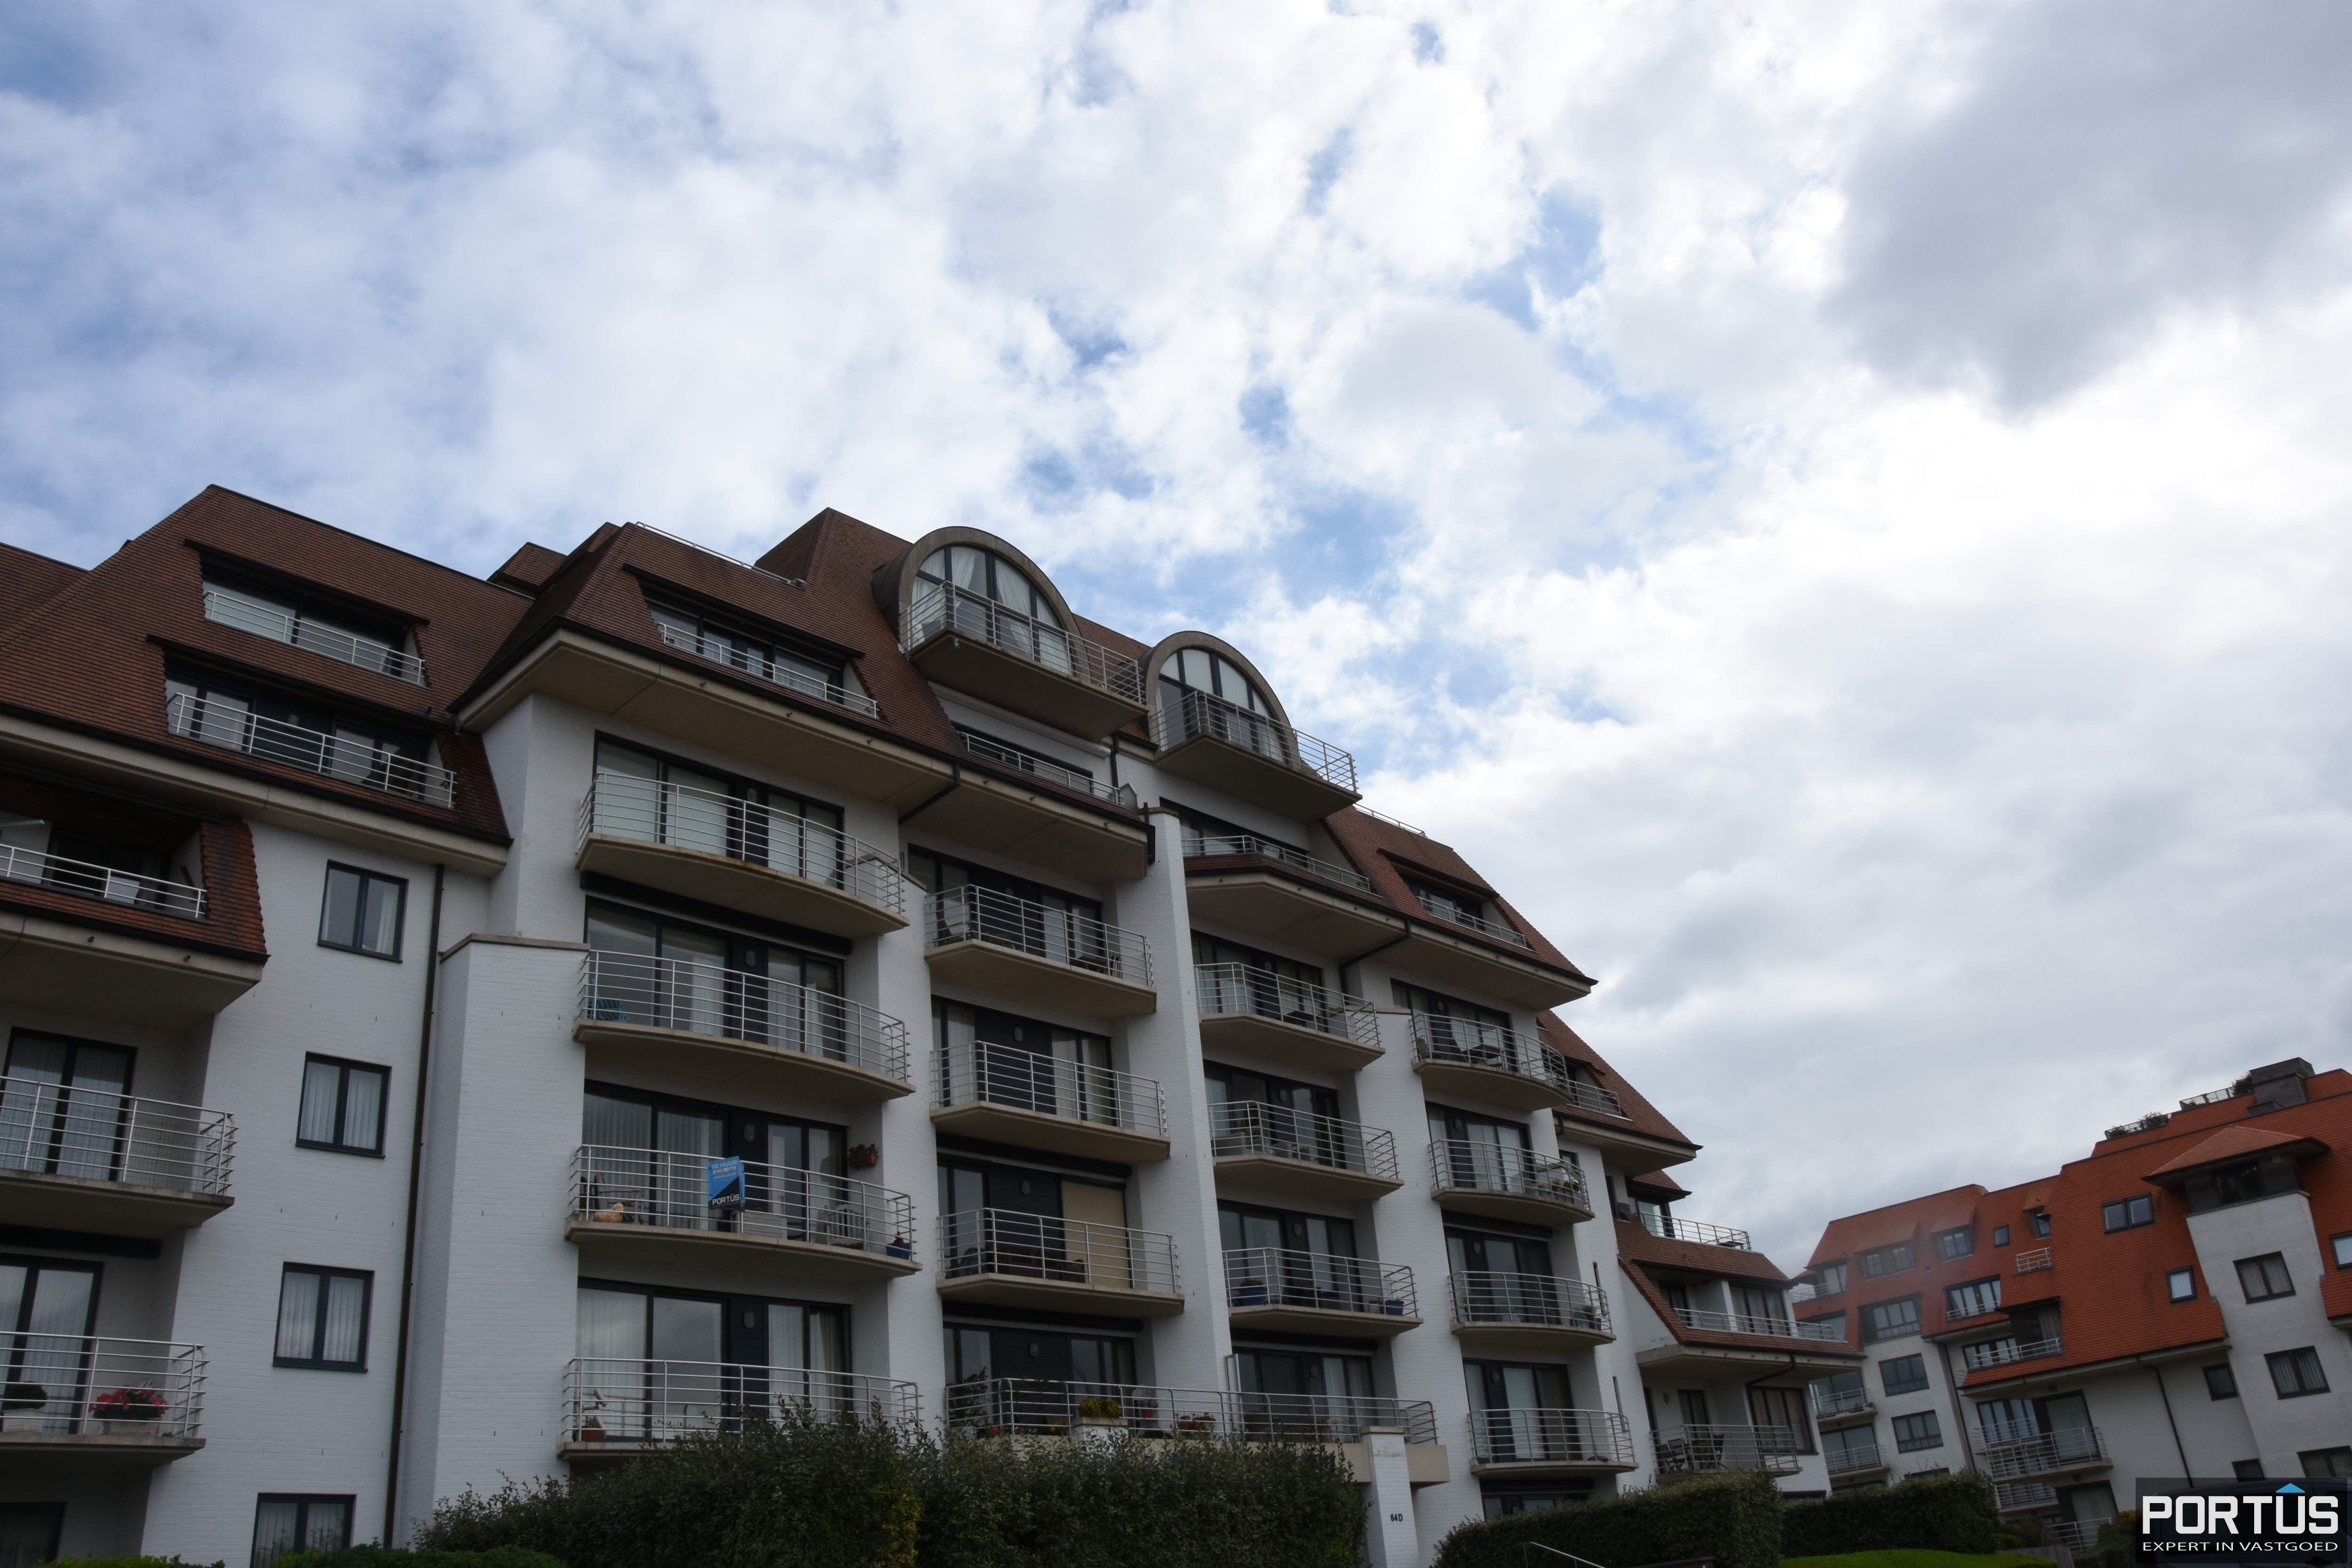 Appartement te huur met 1 slaapkamer te Nieuwpoort - 11656